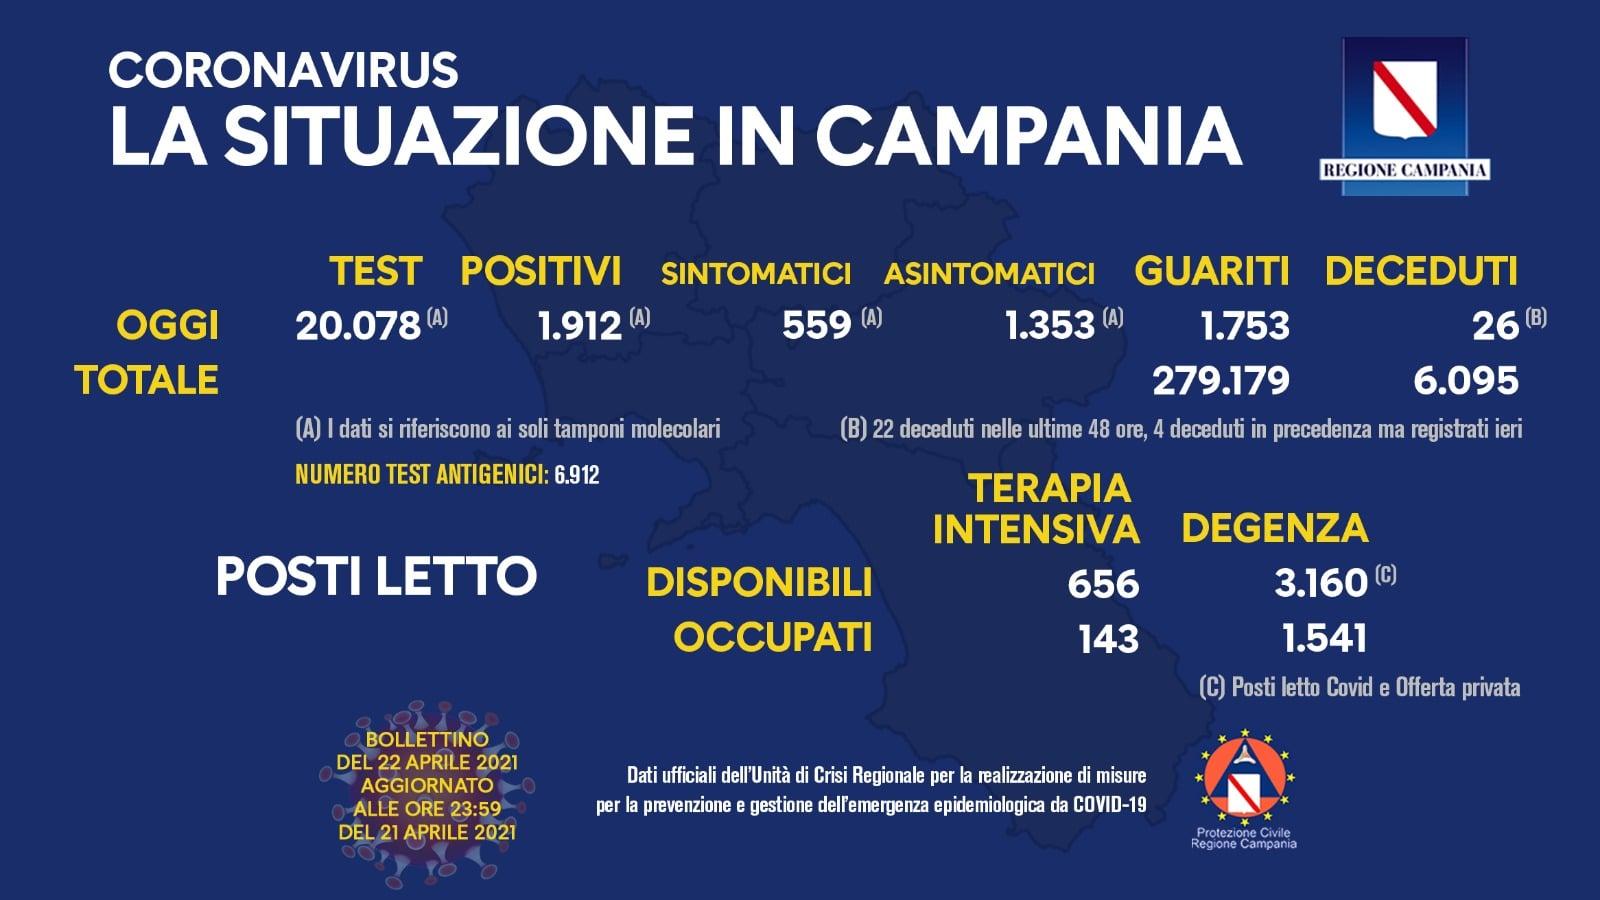 Coronavirus in Campania: bollettino del 22 aprile 2021